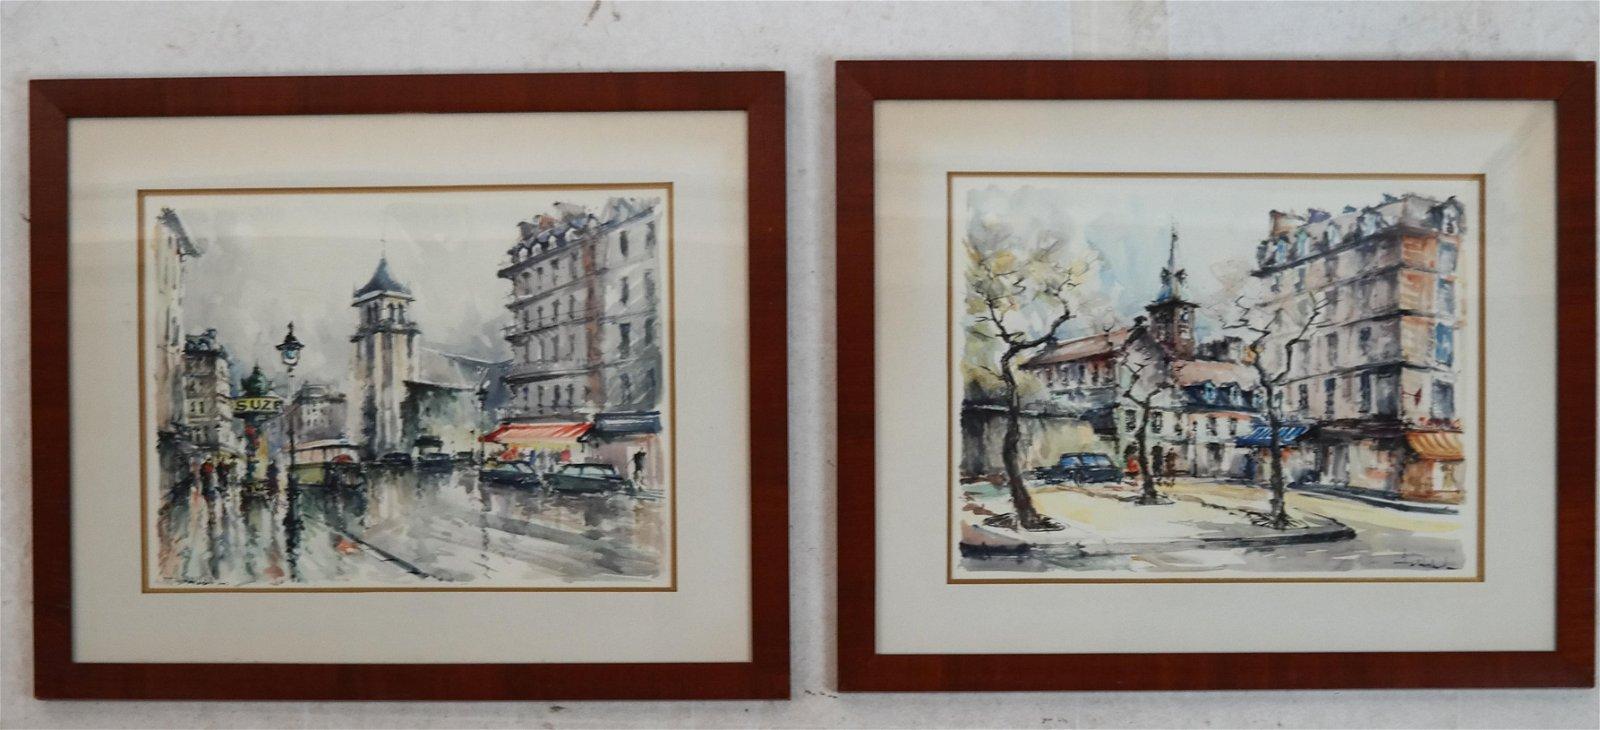 Pair of Paris Street Scenes - W/C